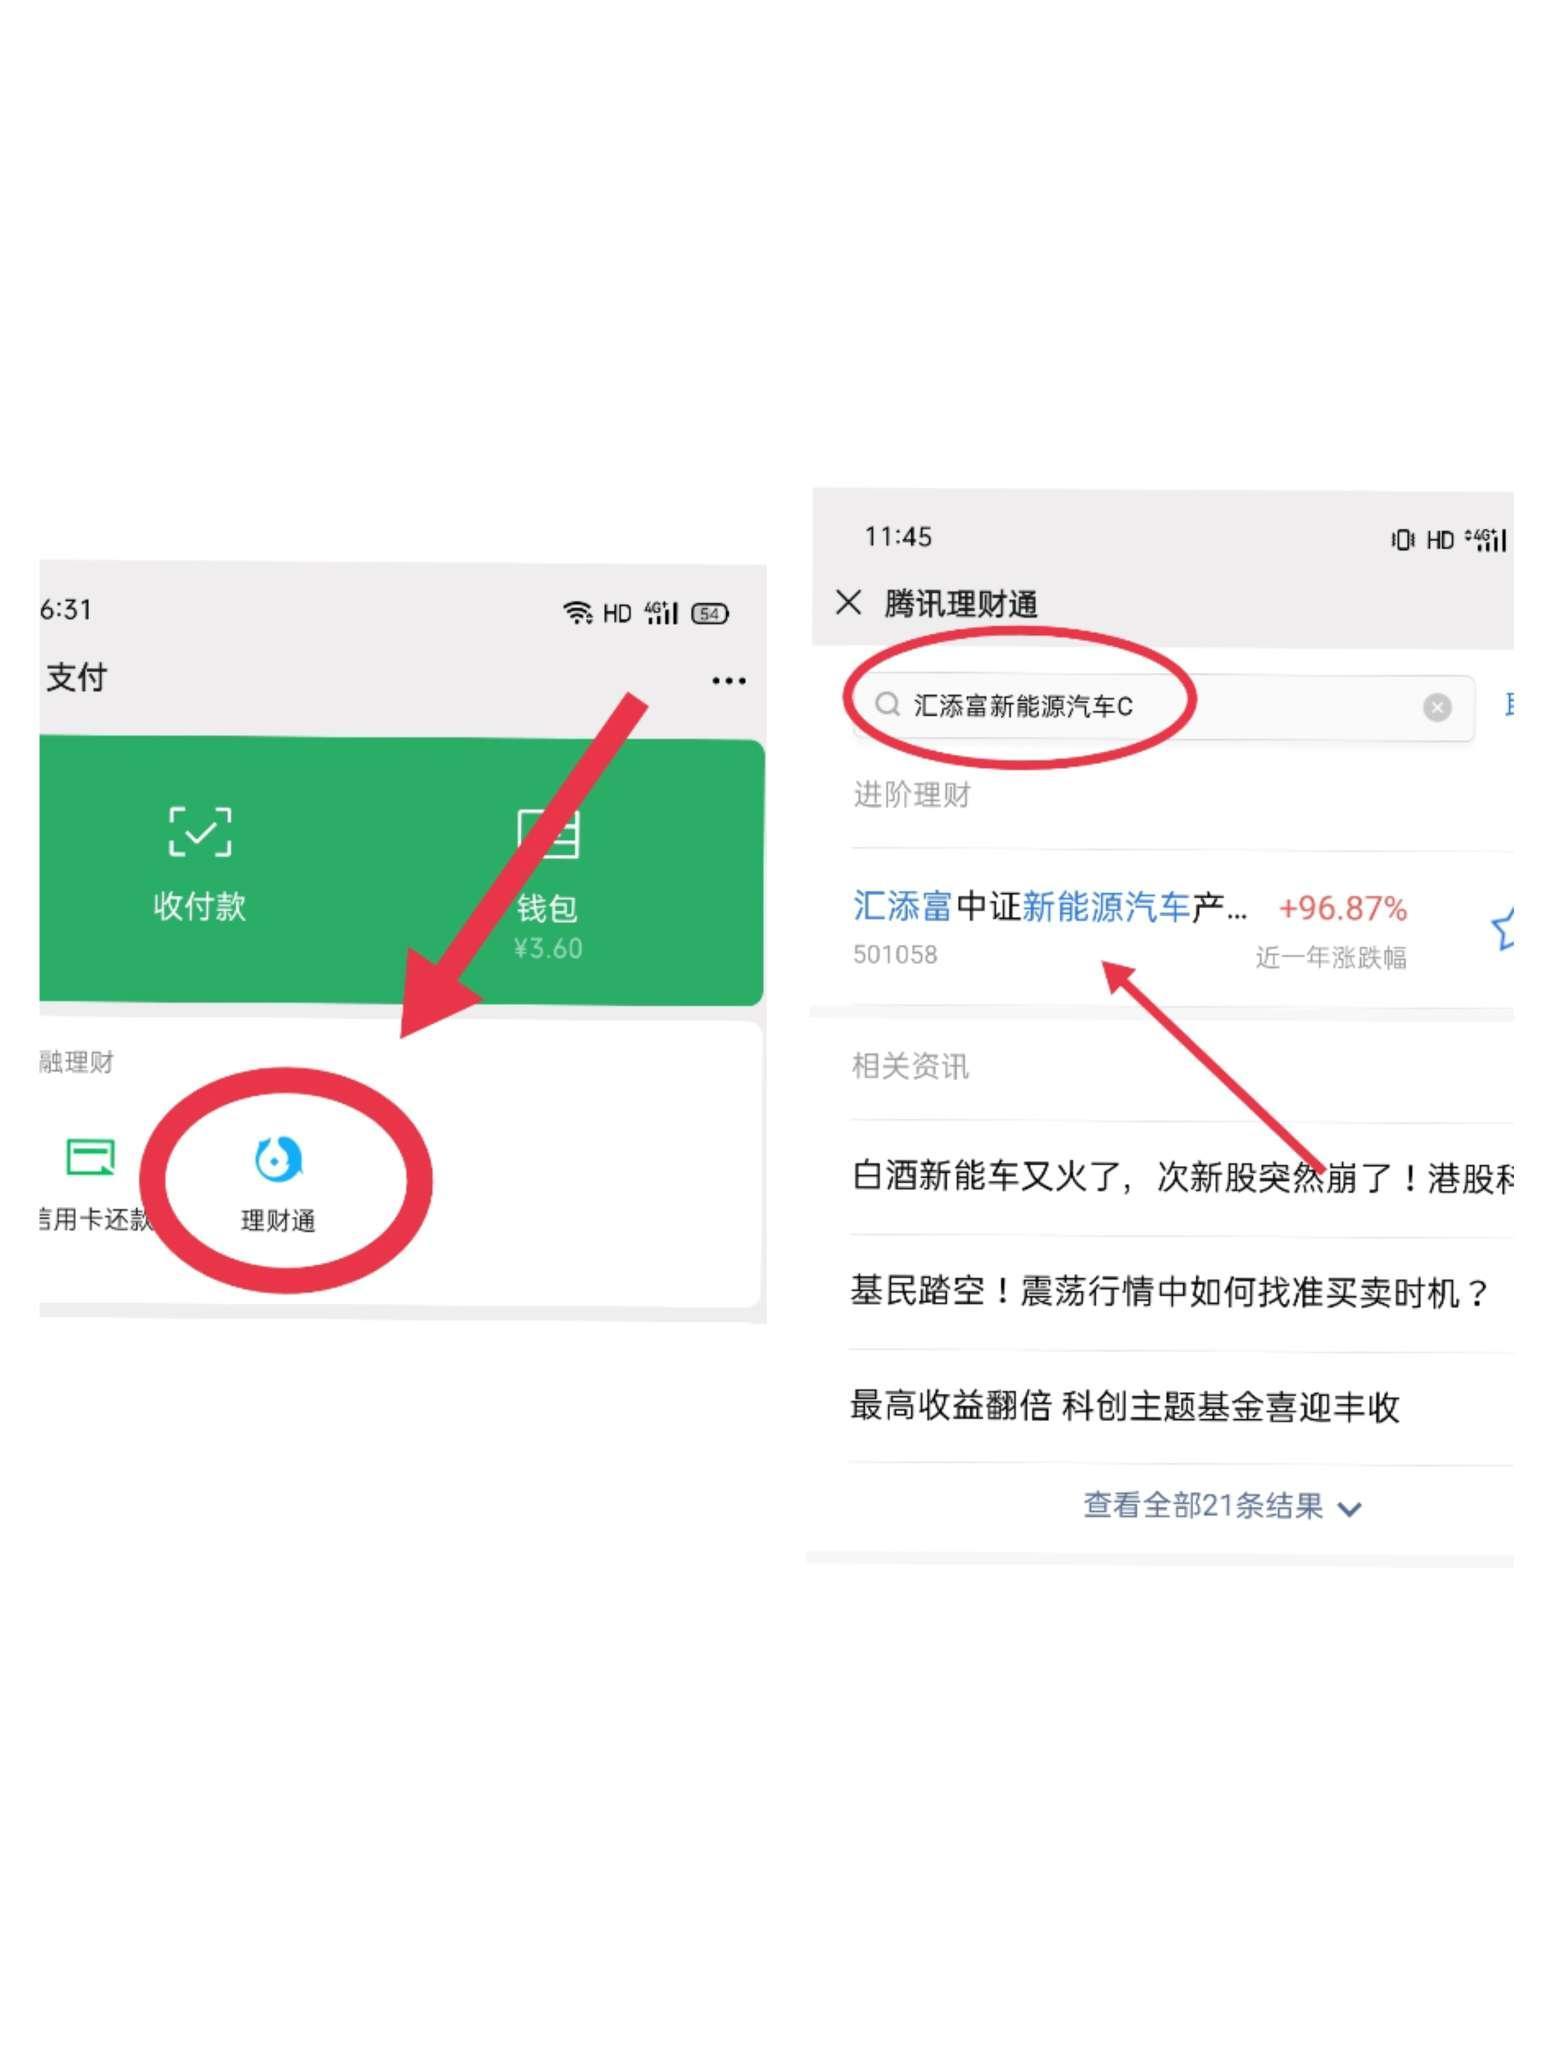 【网络兼职小任务】简单搜索任务-青团社